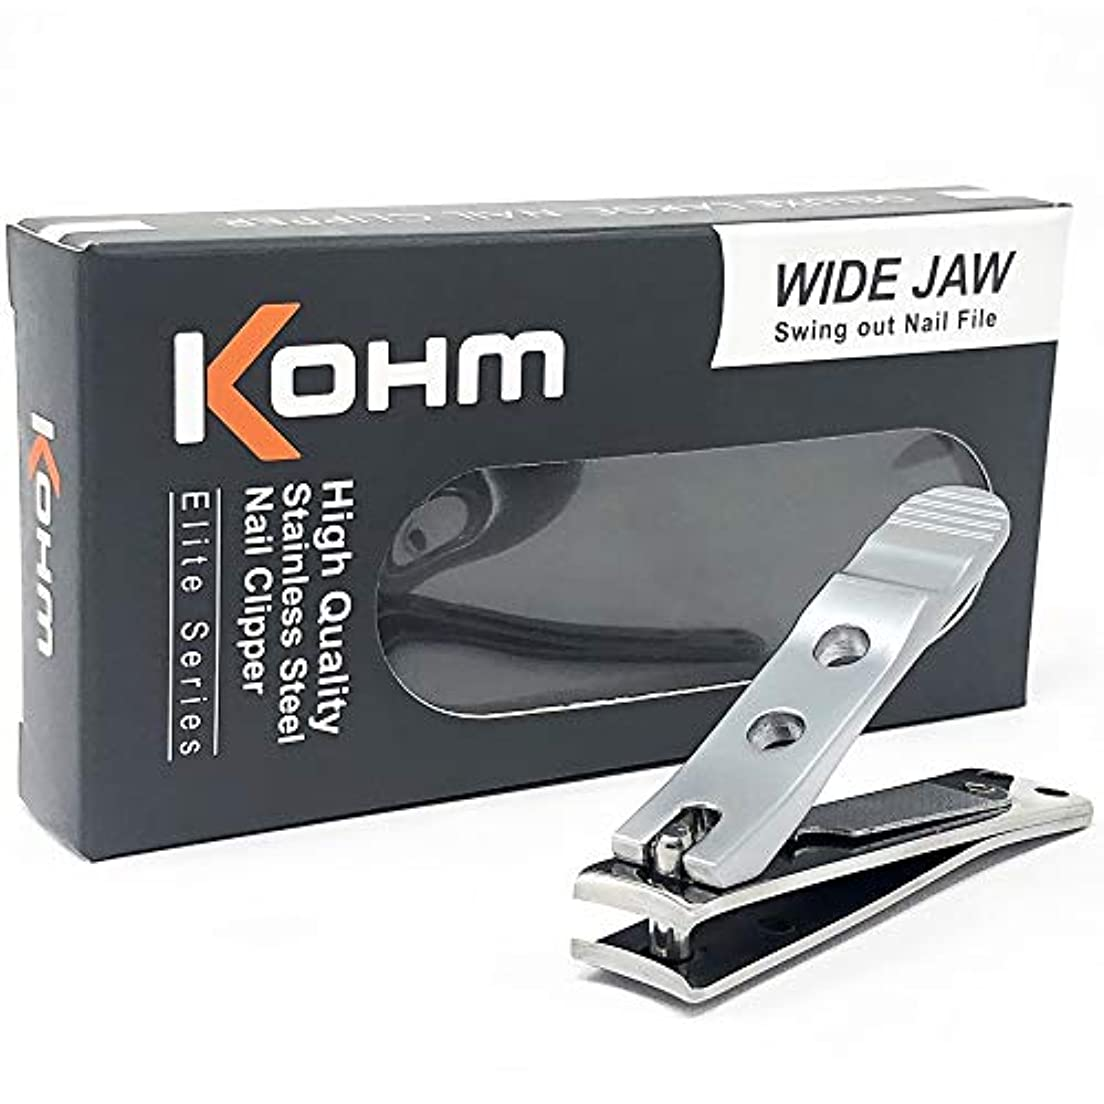 騒乱回答再開Kohm WHS-440L厚手の爪のための足のつかみ4mmの広い顎、湾曲した刃、釘のファイル、ヘビーデューティ。